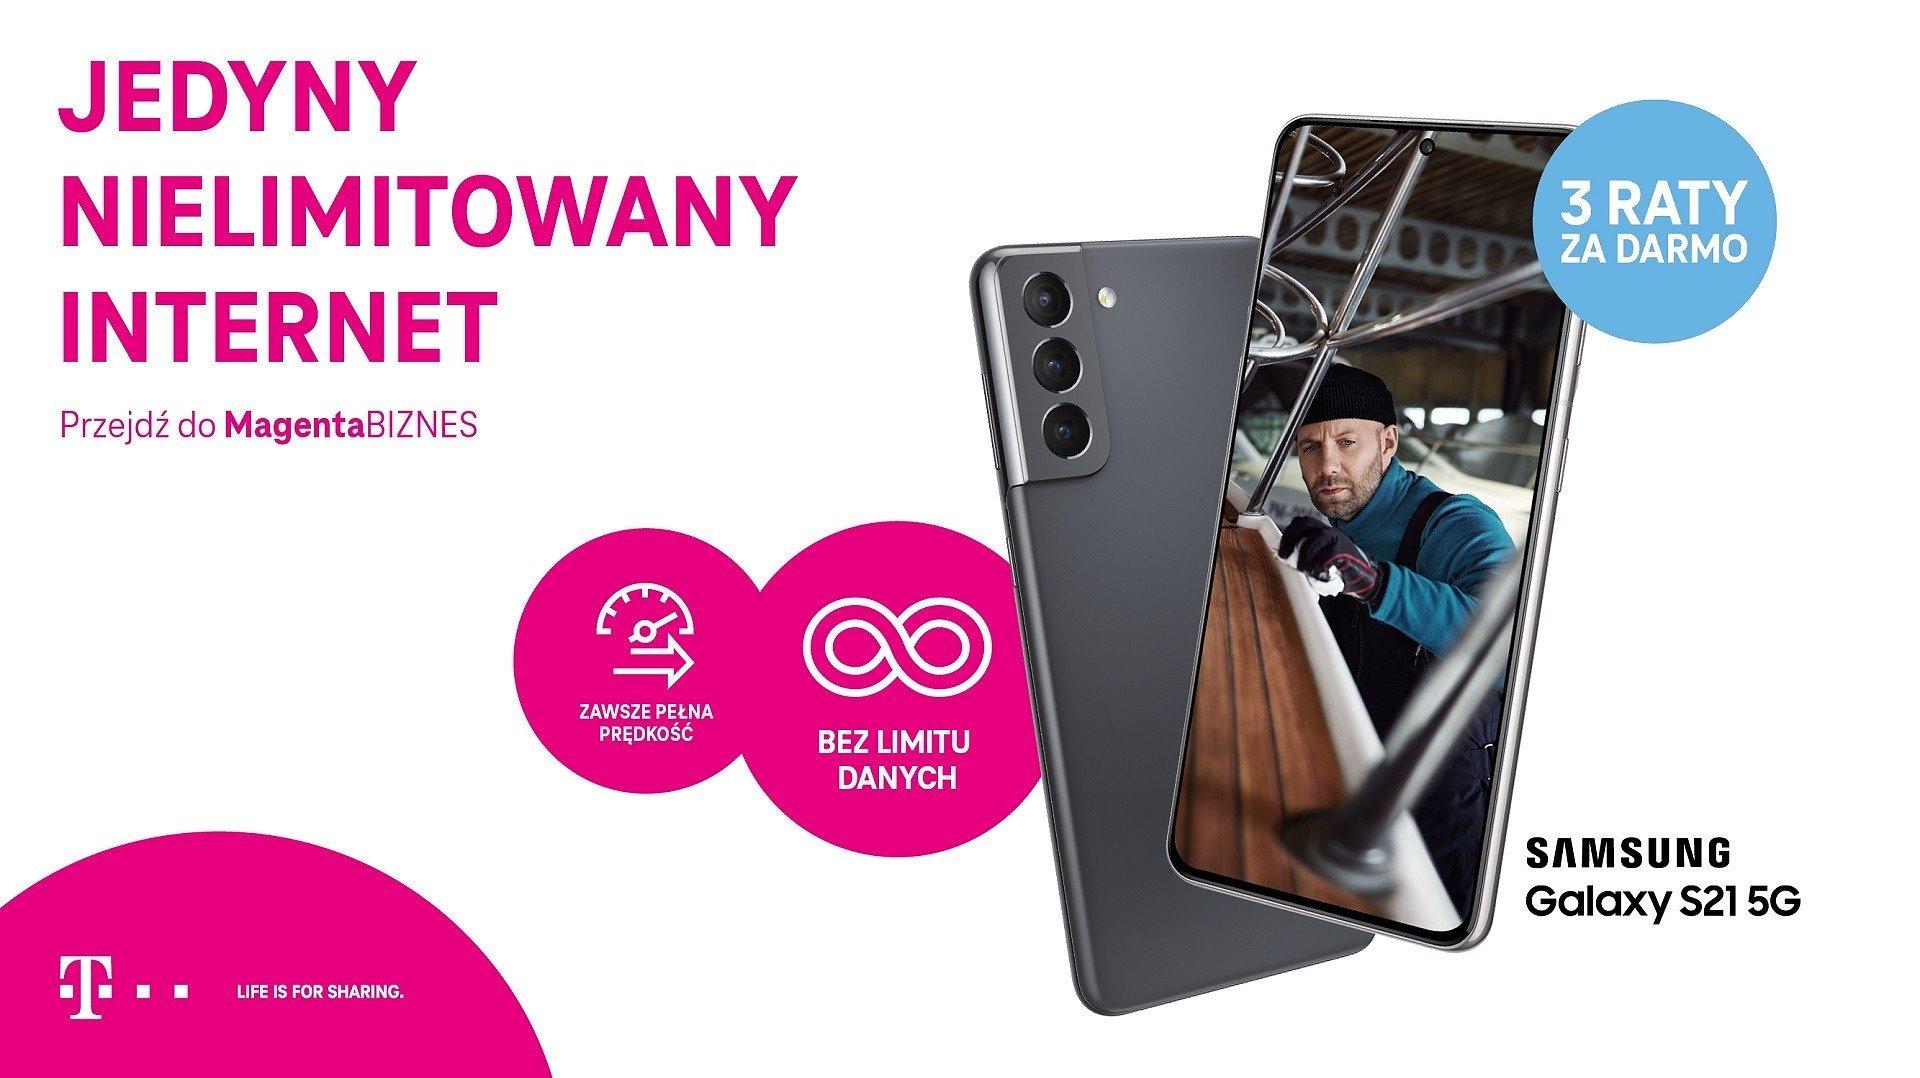 Samsung Galaxy S21 5G z trzema bezpłatnymi ratami w ofercie MagentaBIZNES